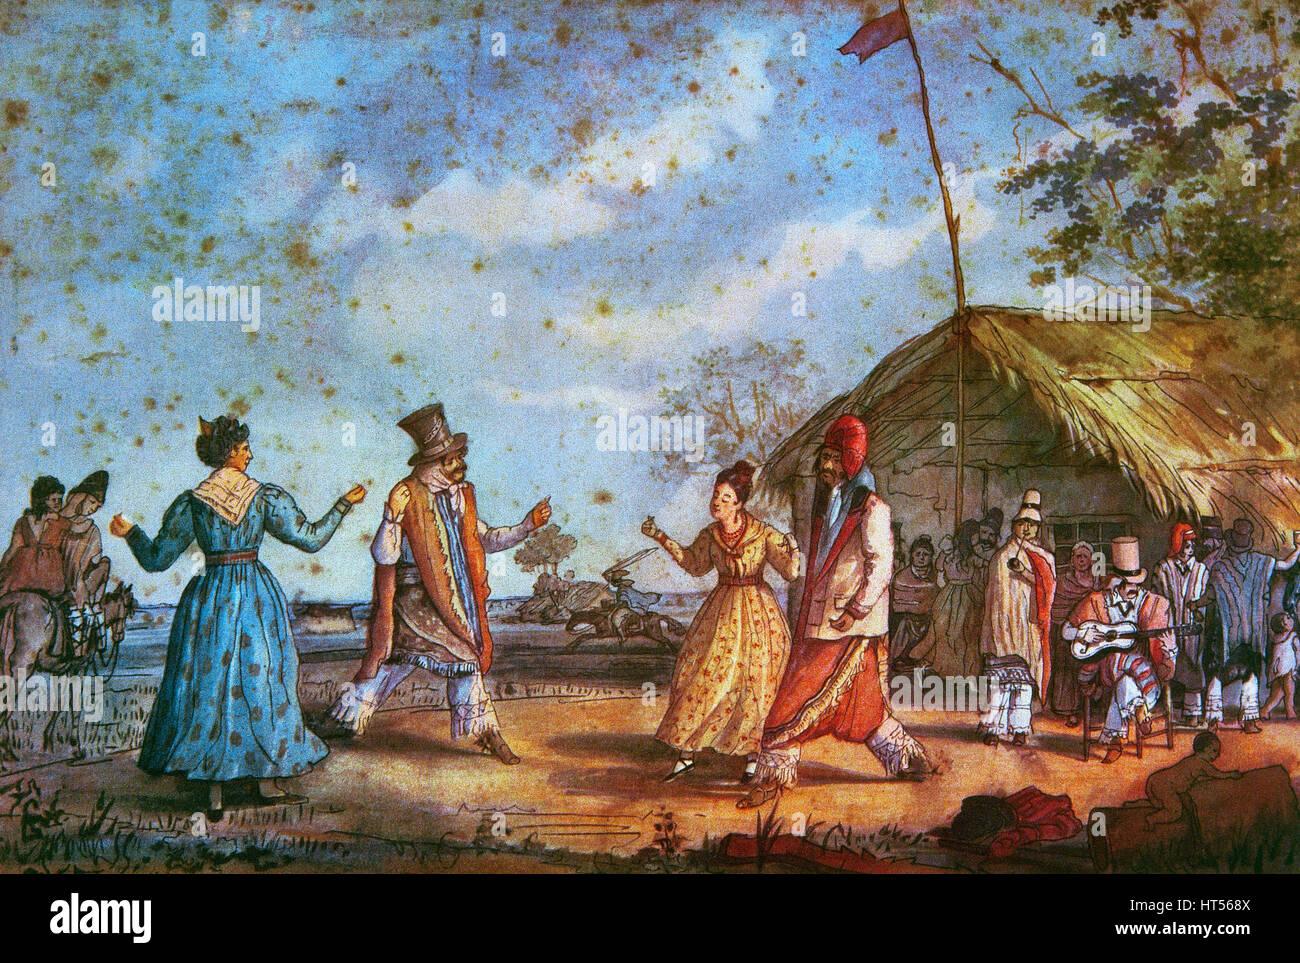 """Folklore. Argentina. Buenos Aires. Xix secolo. Danza tradizionale """"Cielito'. Litografia di un acquerello Immagini Stock"""